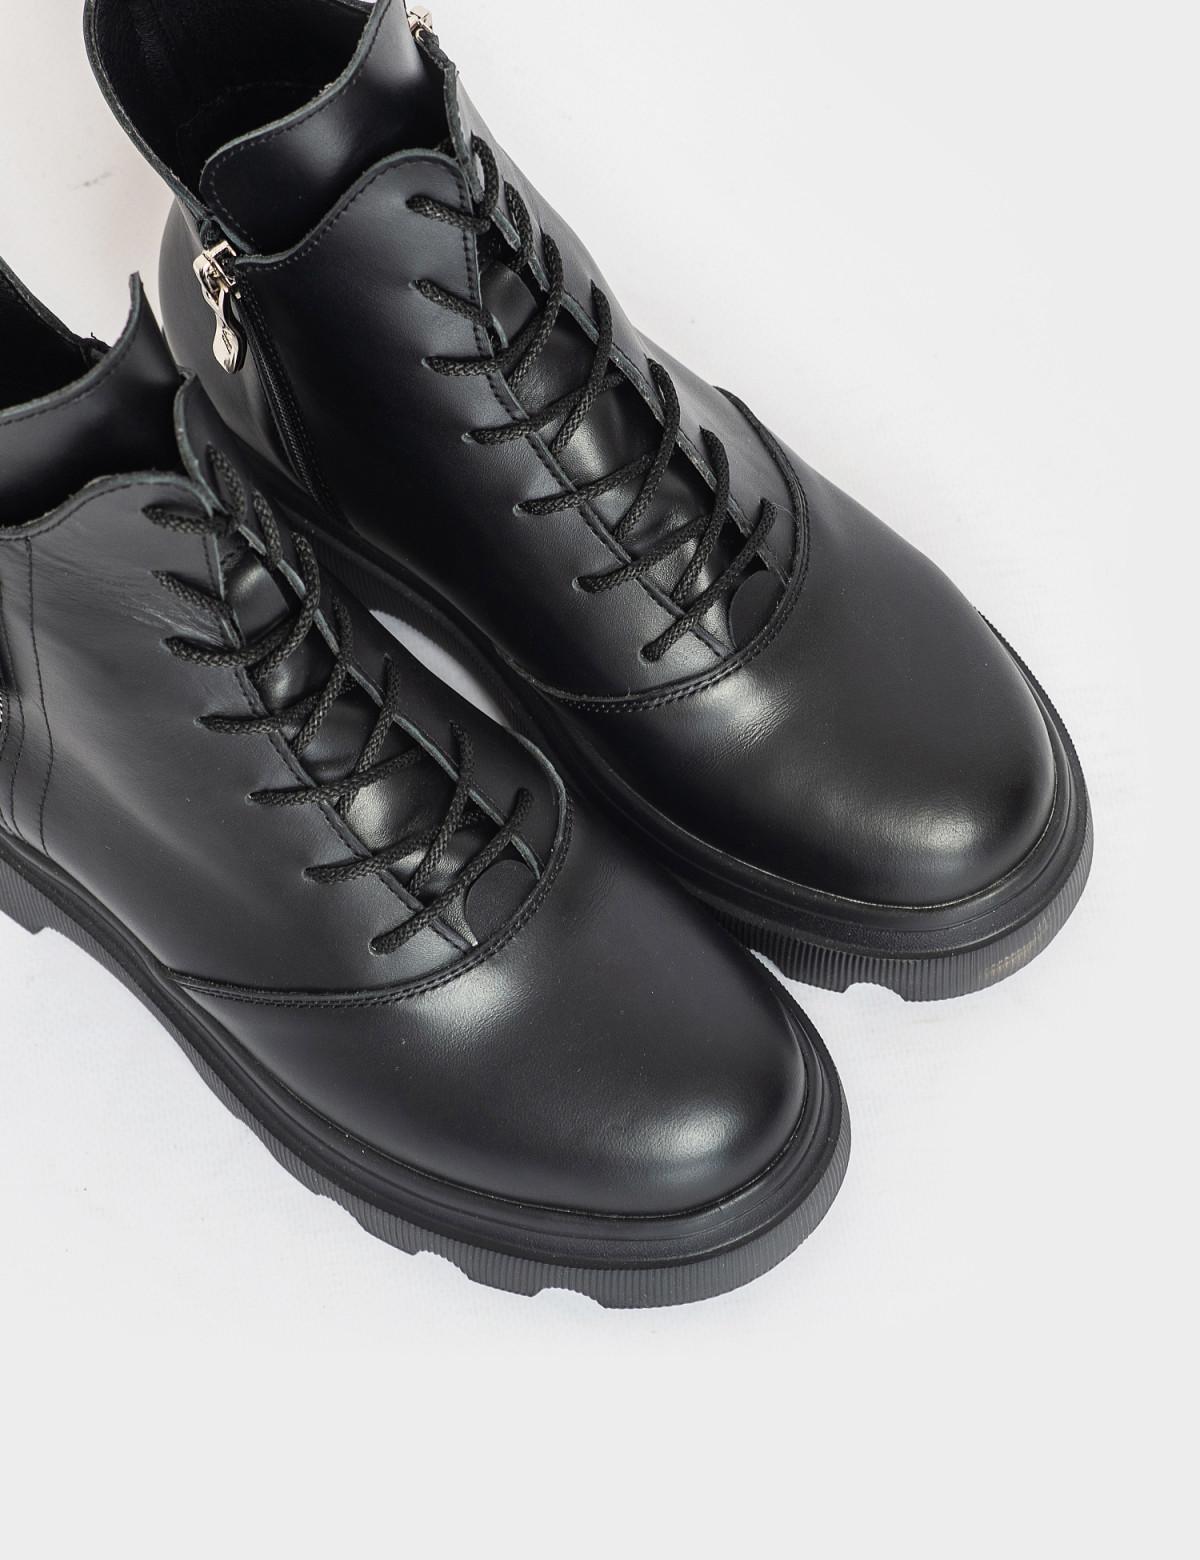 Ботинки черные. Натуральная кожа. Байка3